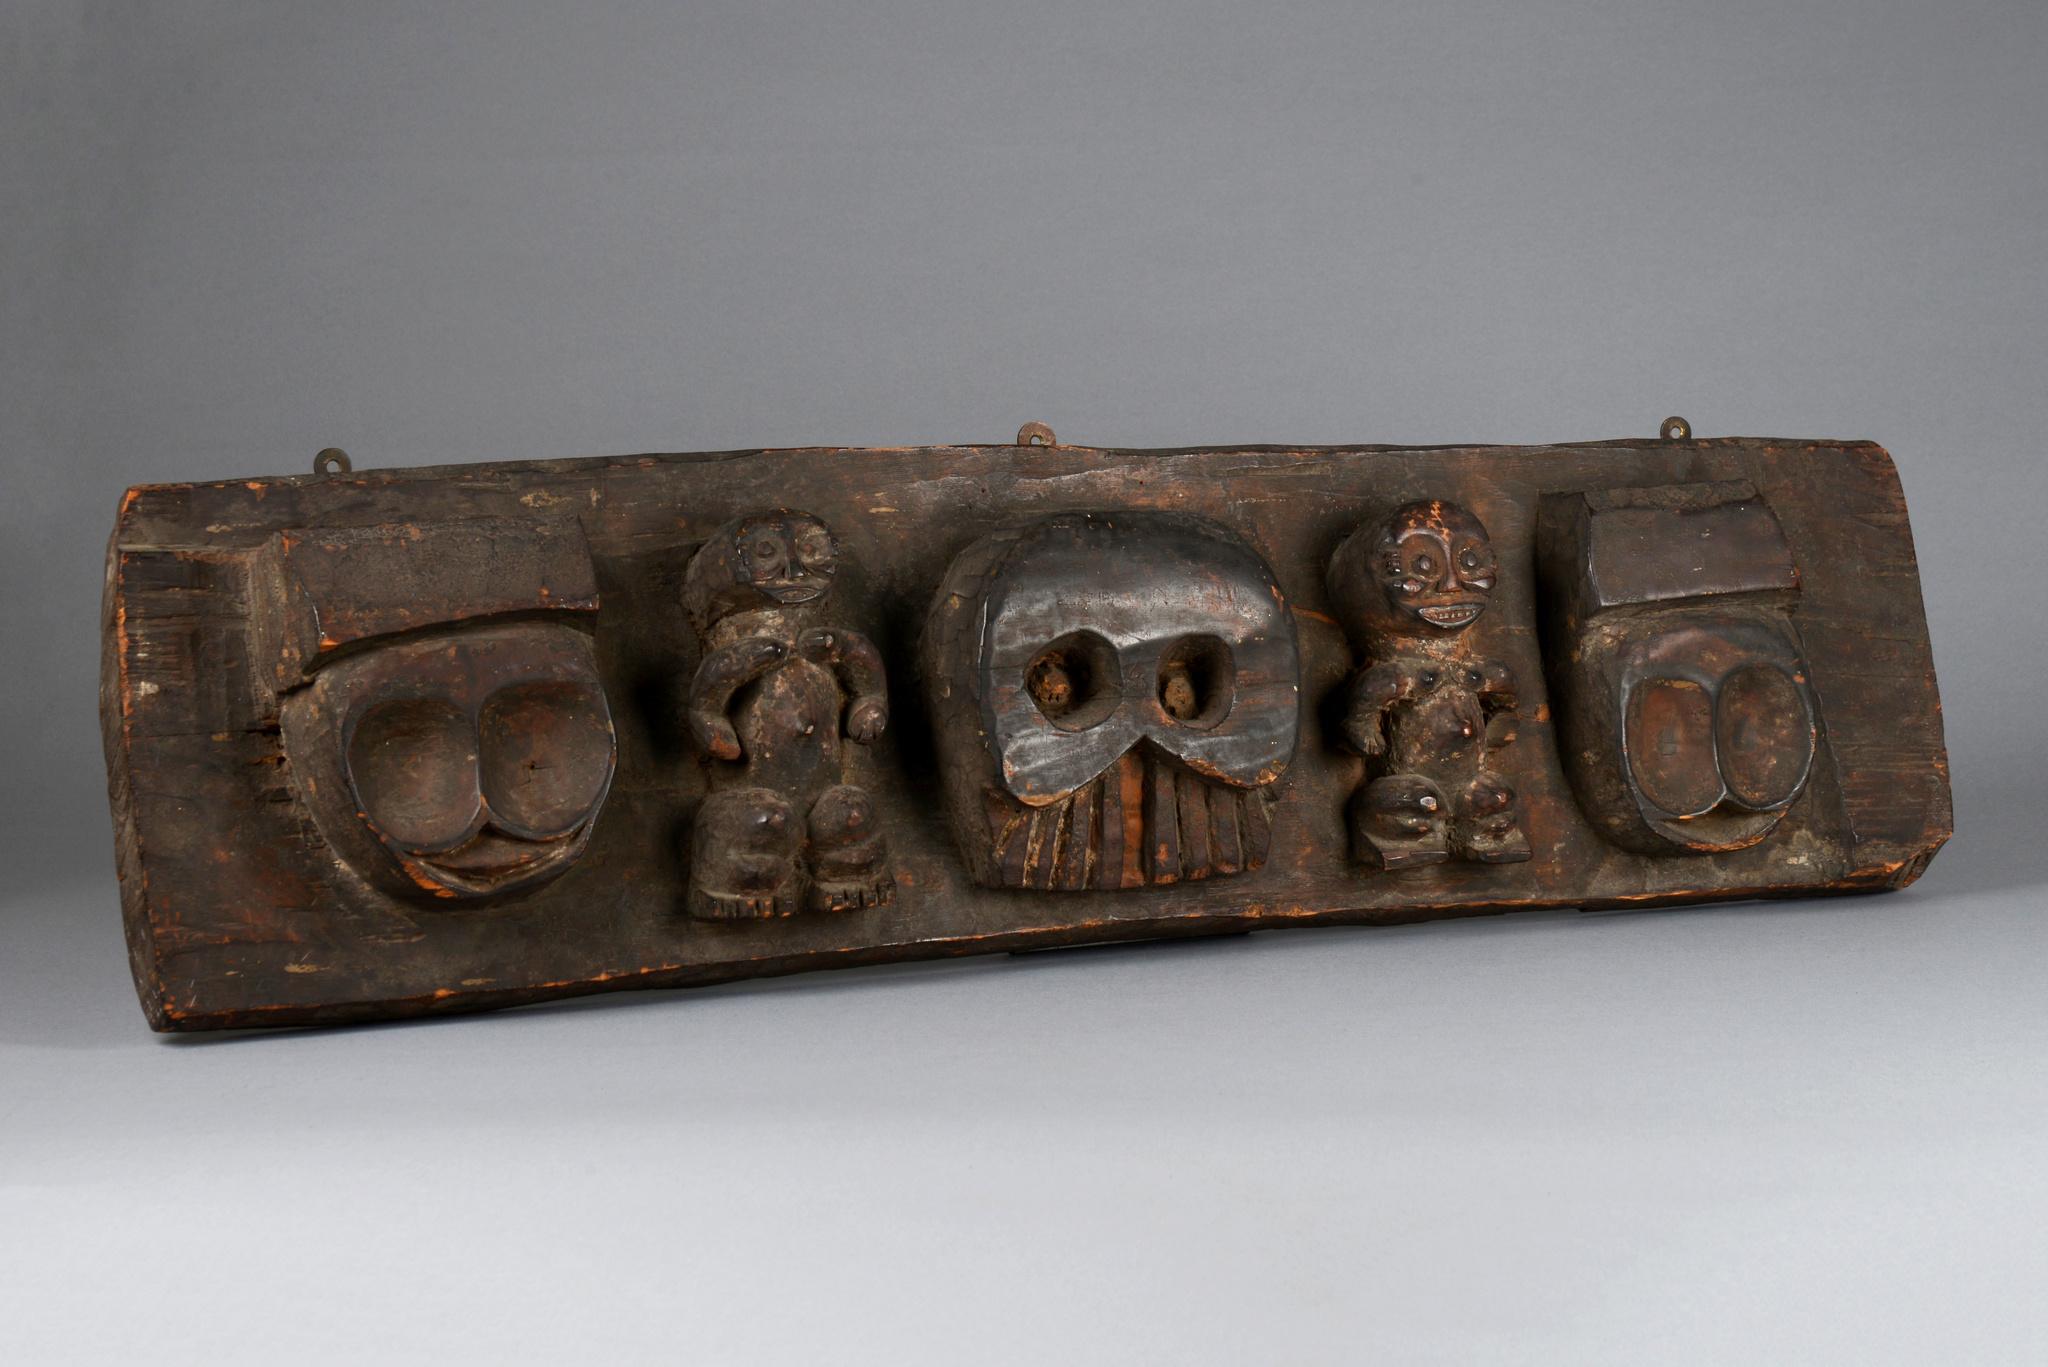 Rare figurally carved ritual board, 19th century